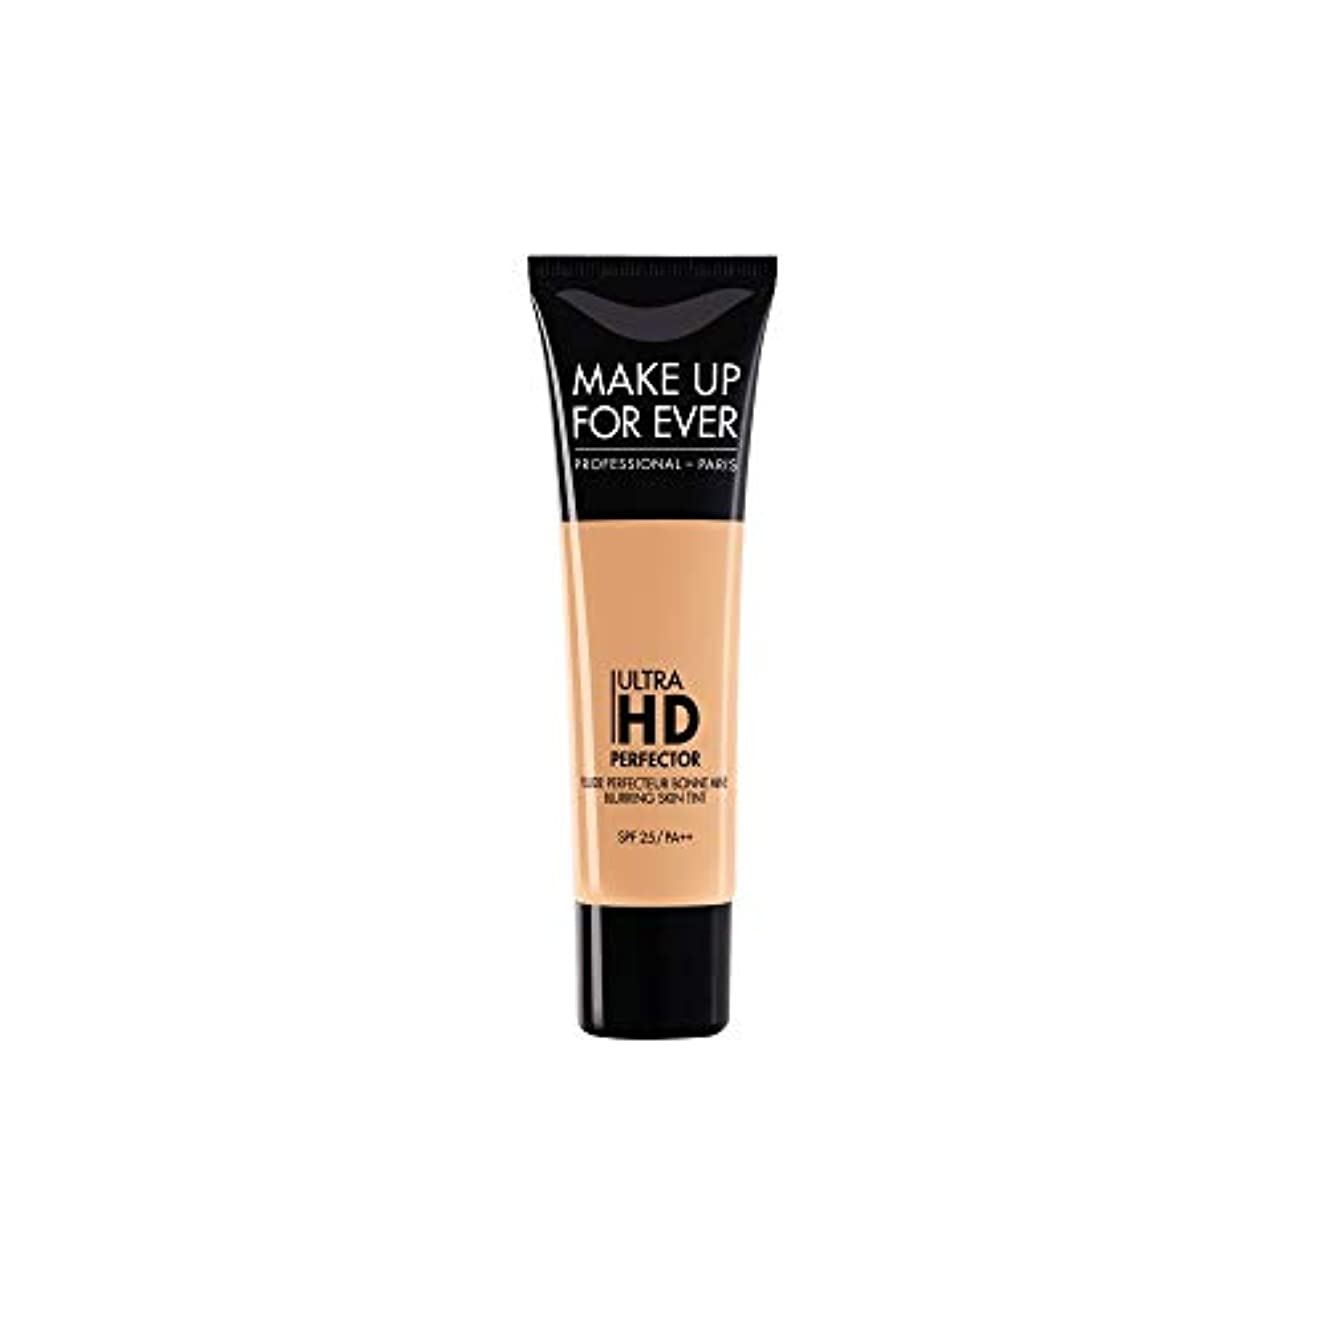 キリンすなわちハシーメイクアップフォーエバー Ultra HD Perfector Blurring Skin Tint SPF25 - # 07 Golden Apricot 30ml/1.01oz並行輸入品